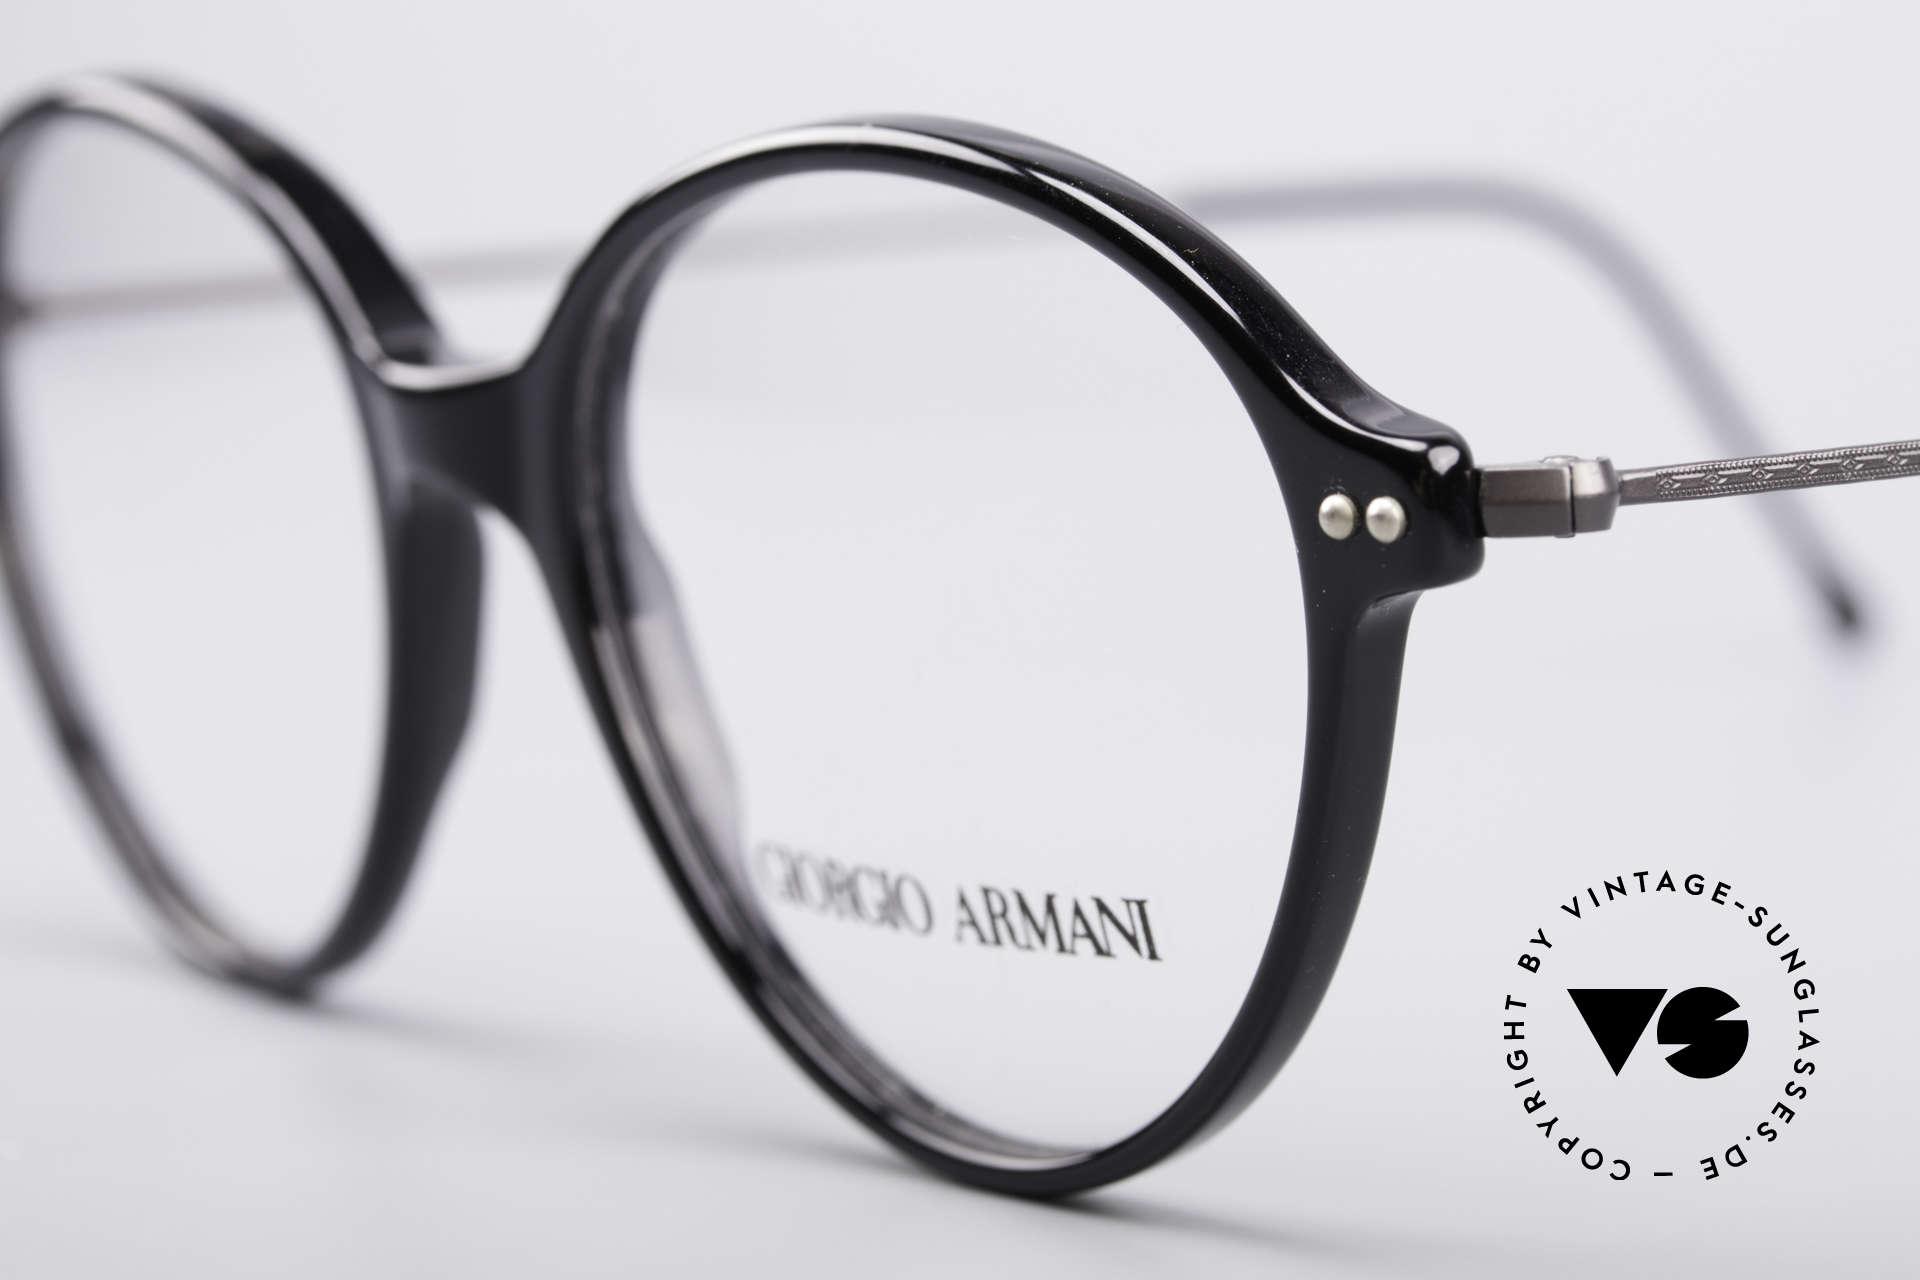 Giorgio Armani 374 90er Unisex Vintage Brille, zeitloser Stil; Top-Qualität und nur 9 Gramm leicht, Passend für Herren und Damen